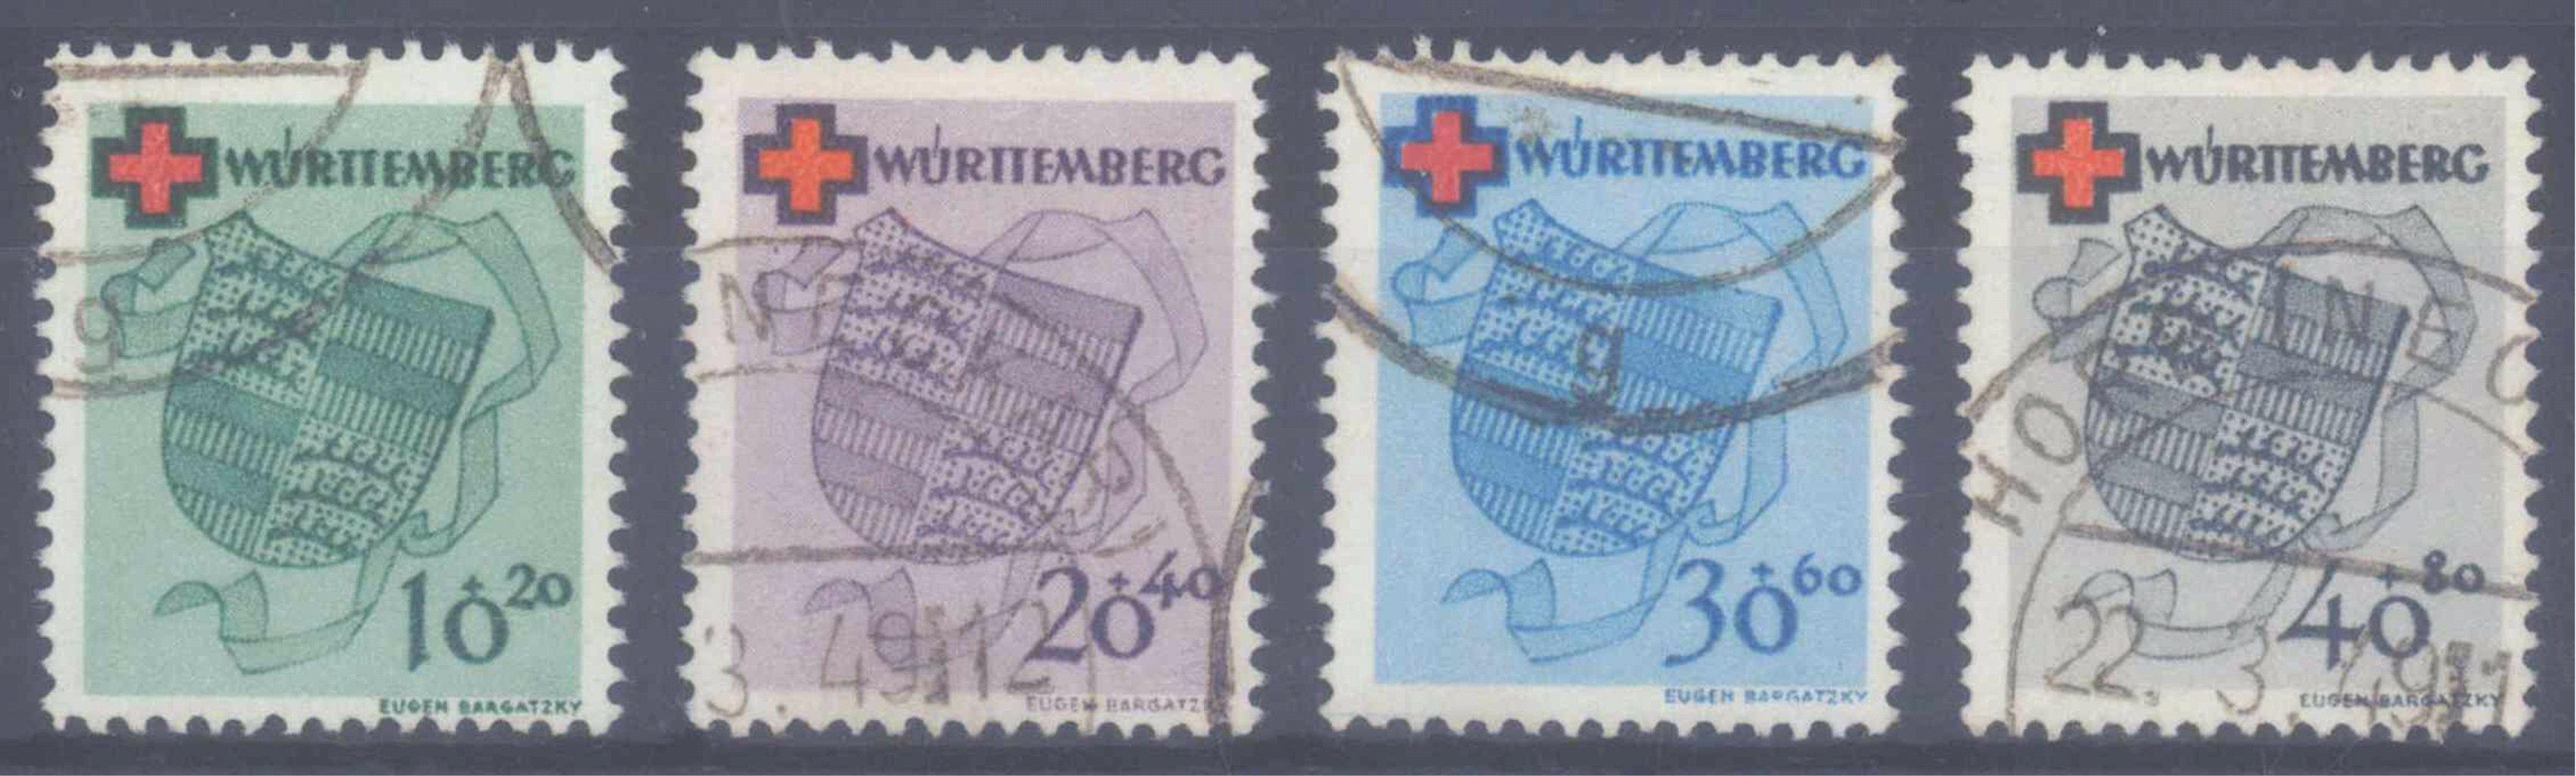 FRANZÖSISCHE ZONE WÜRTTEMBERG 1949, Rotes Kreuz